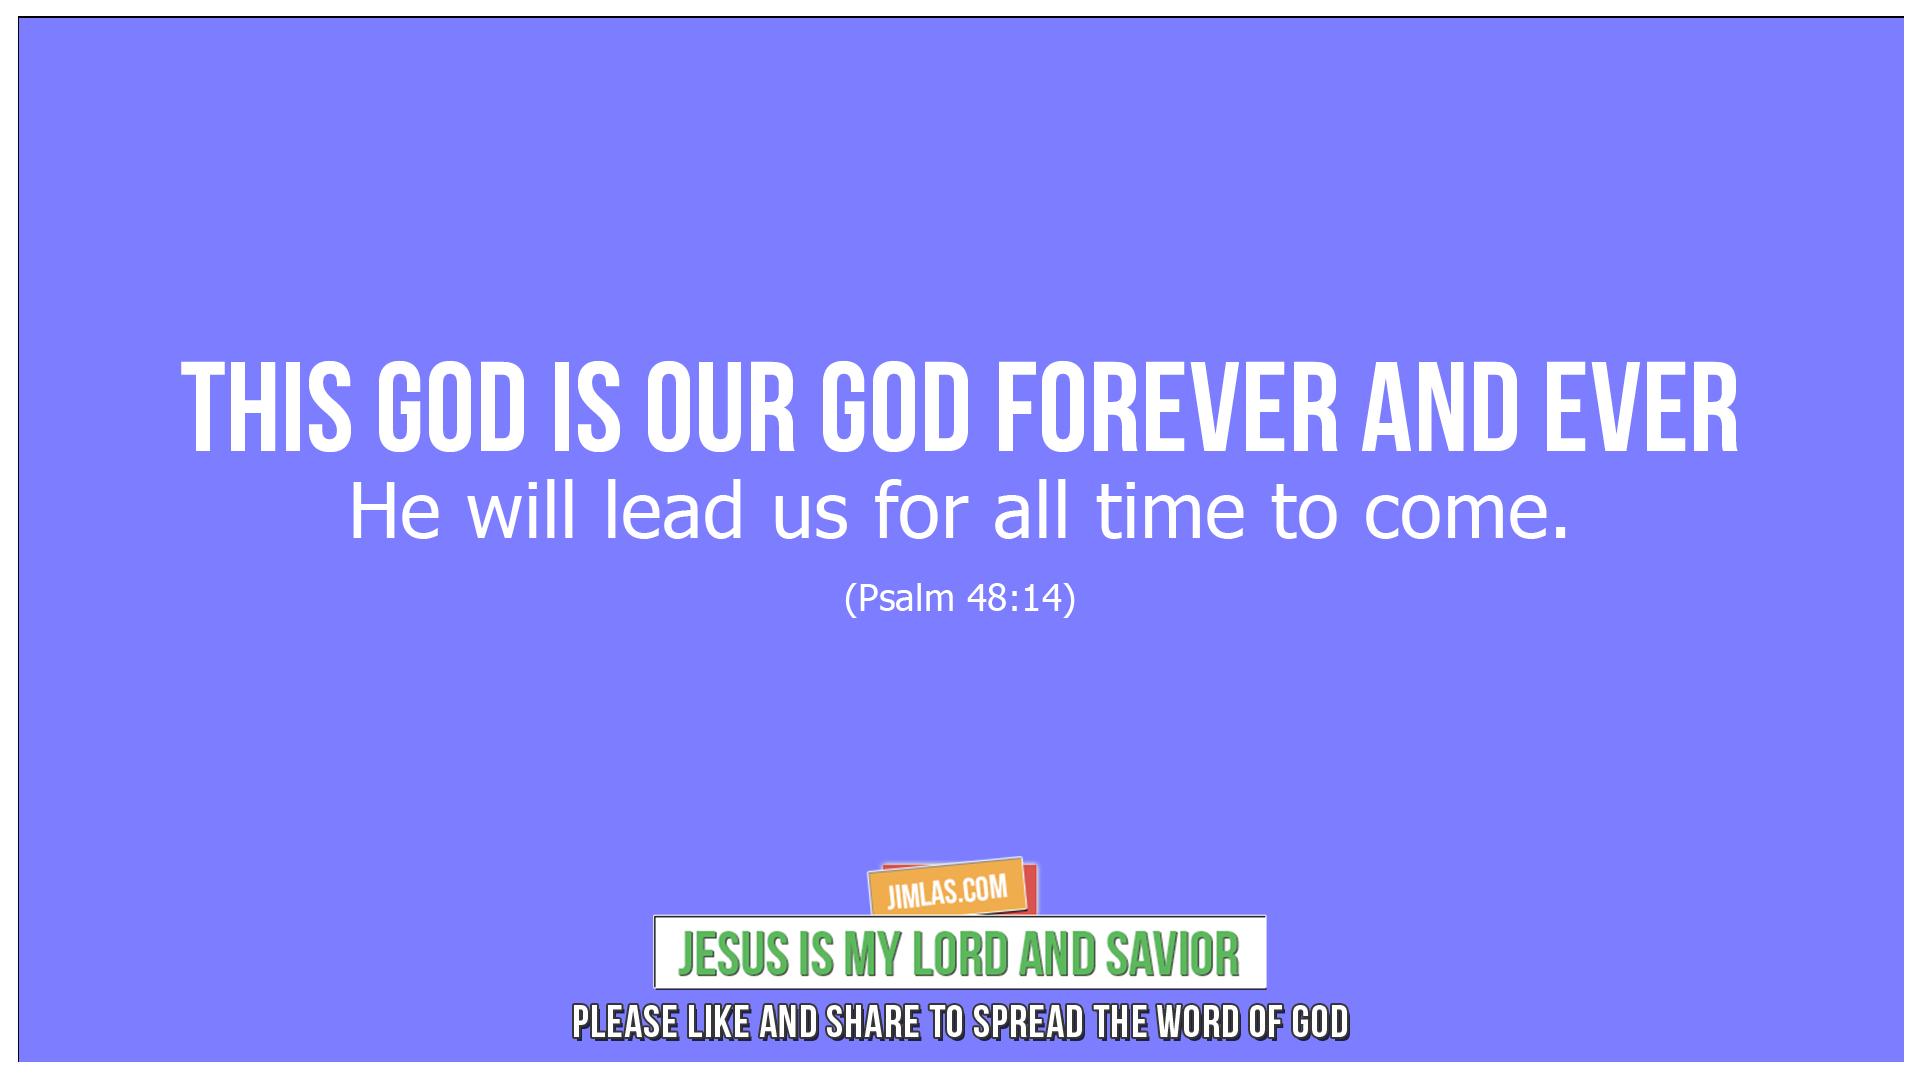 psalm 48 14, Psalm 48:14